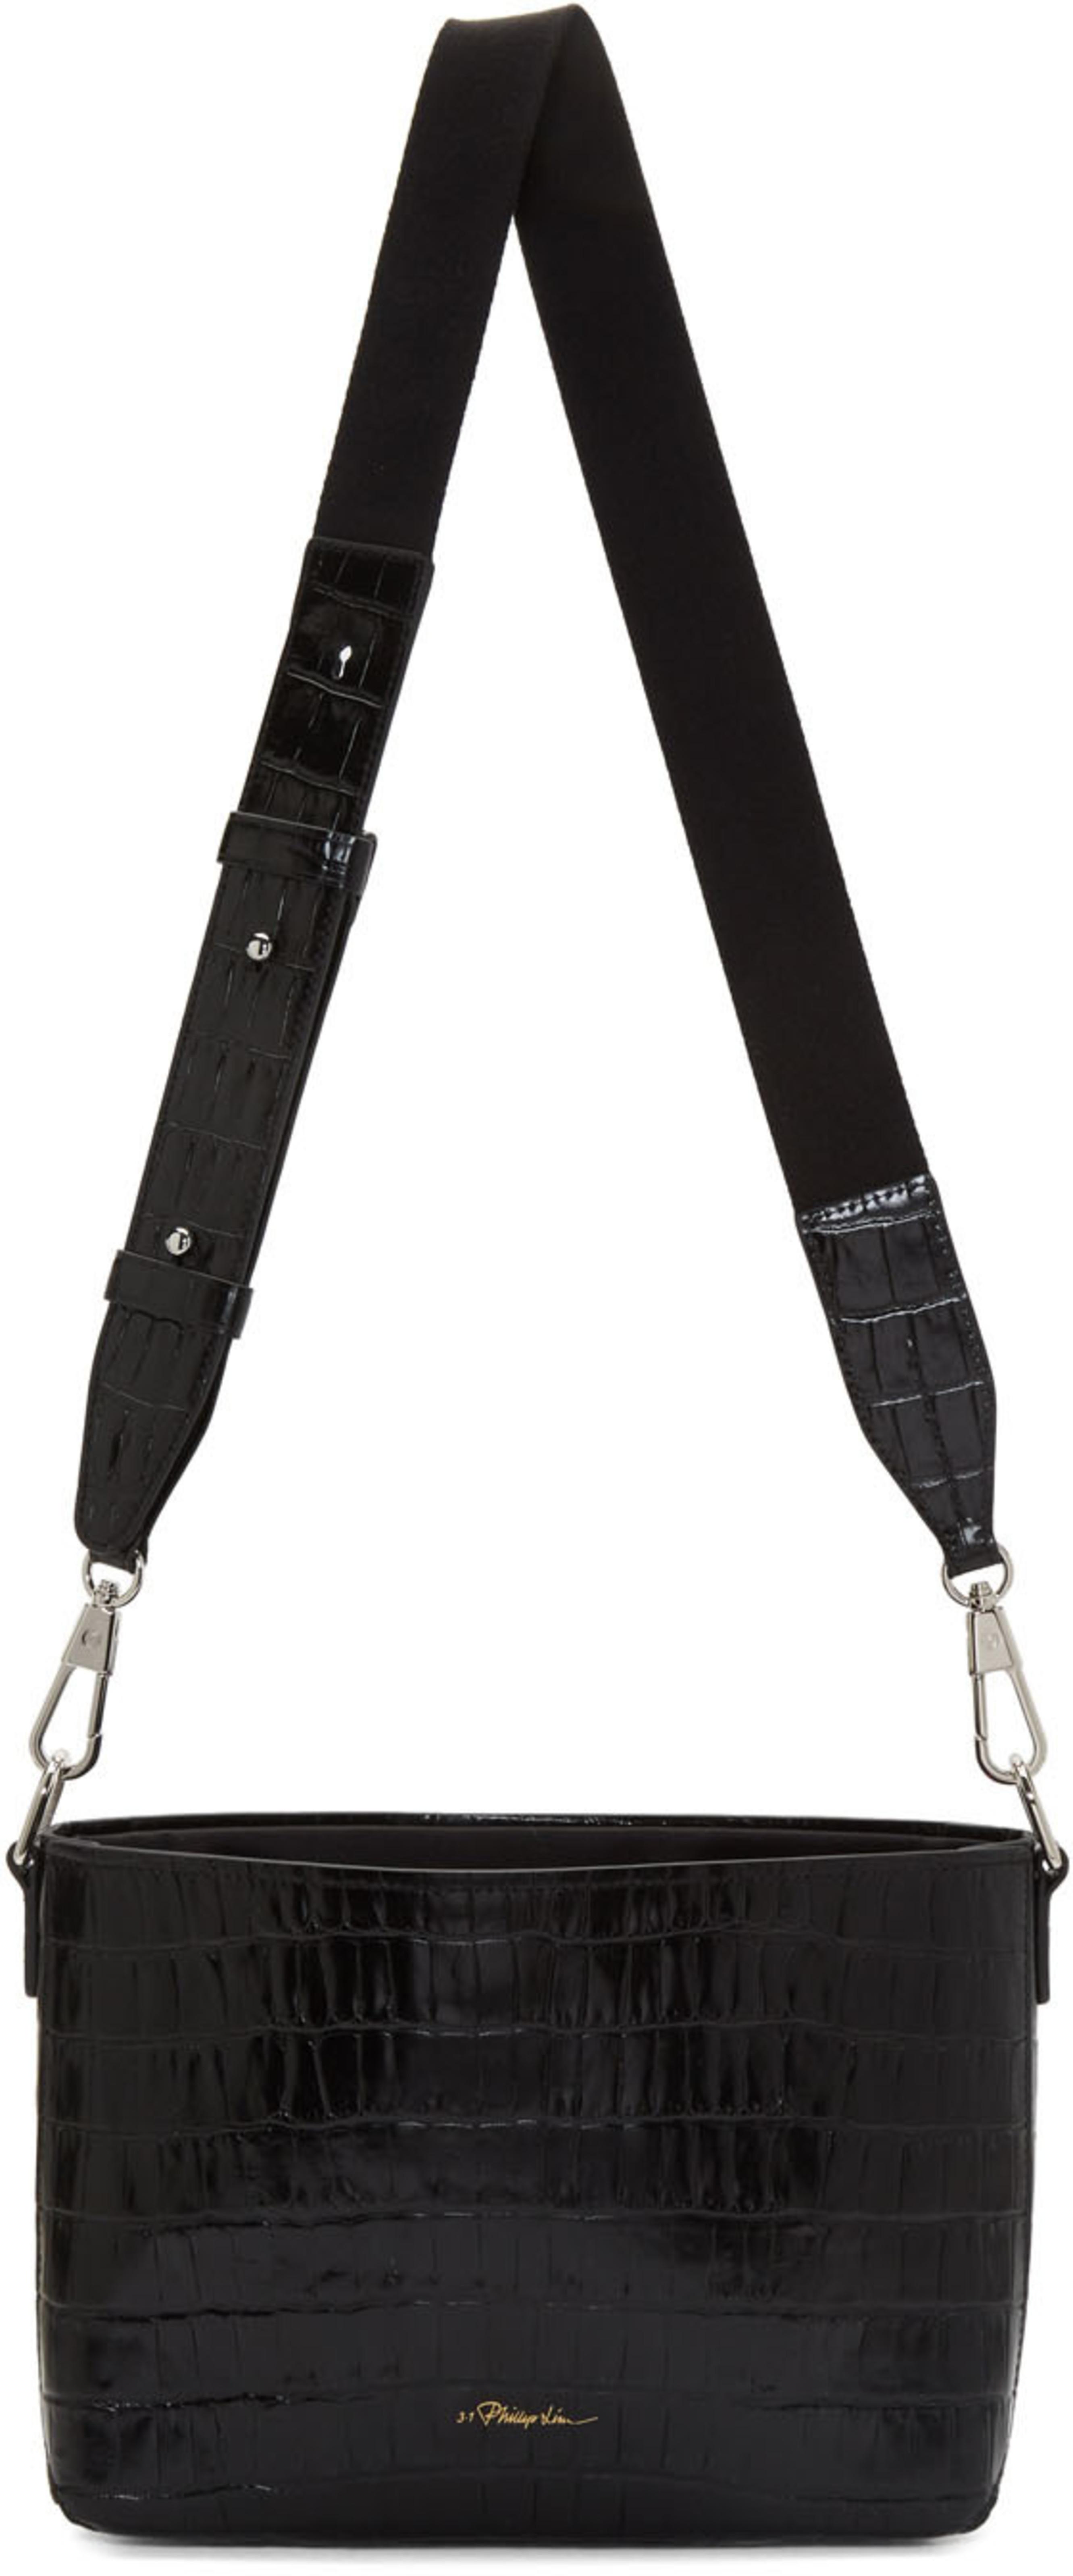 d7fe73d91f8f Black Croc Claire Crossbody Bag